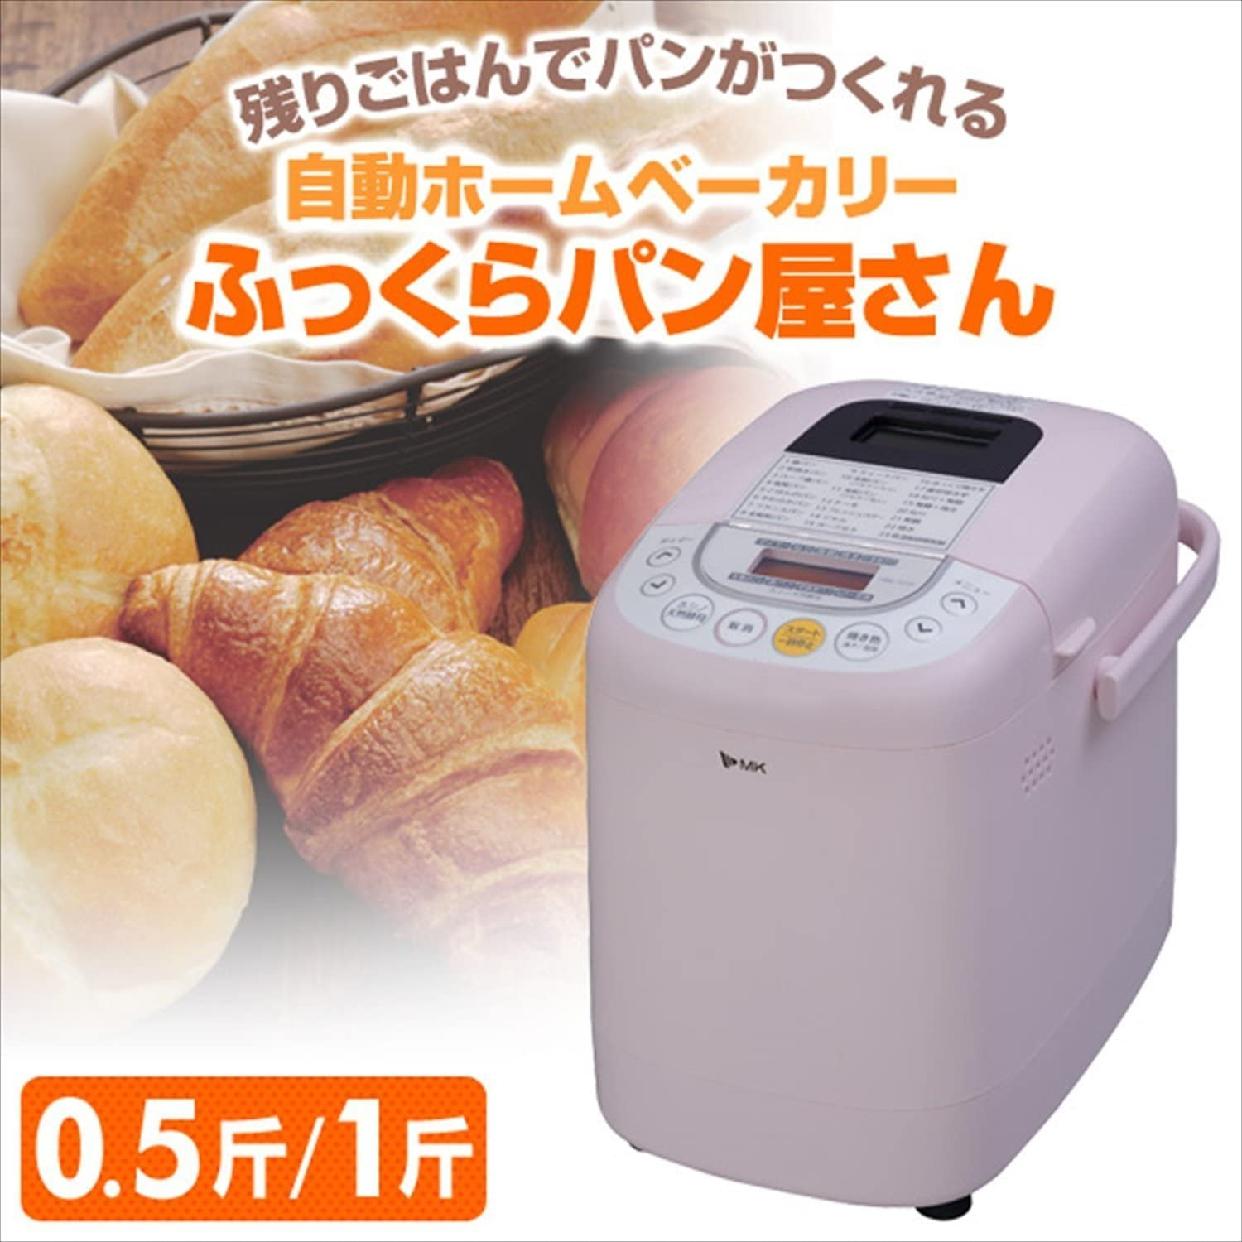 エムケー精工(MK SEIKO) ふっくらパン屋さん (ホームベーカリー1斤タイプ) HBK-101Pの商品画像2